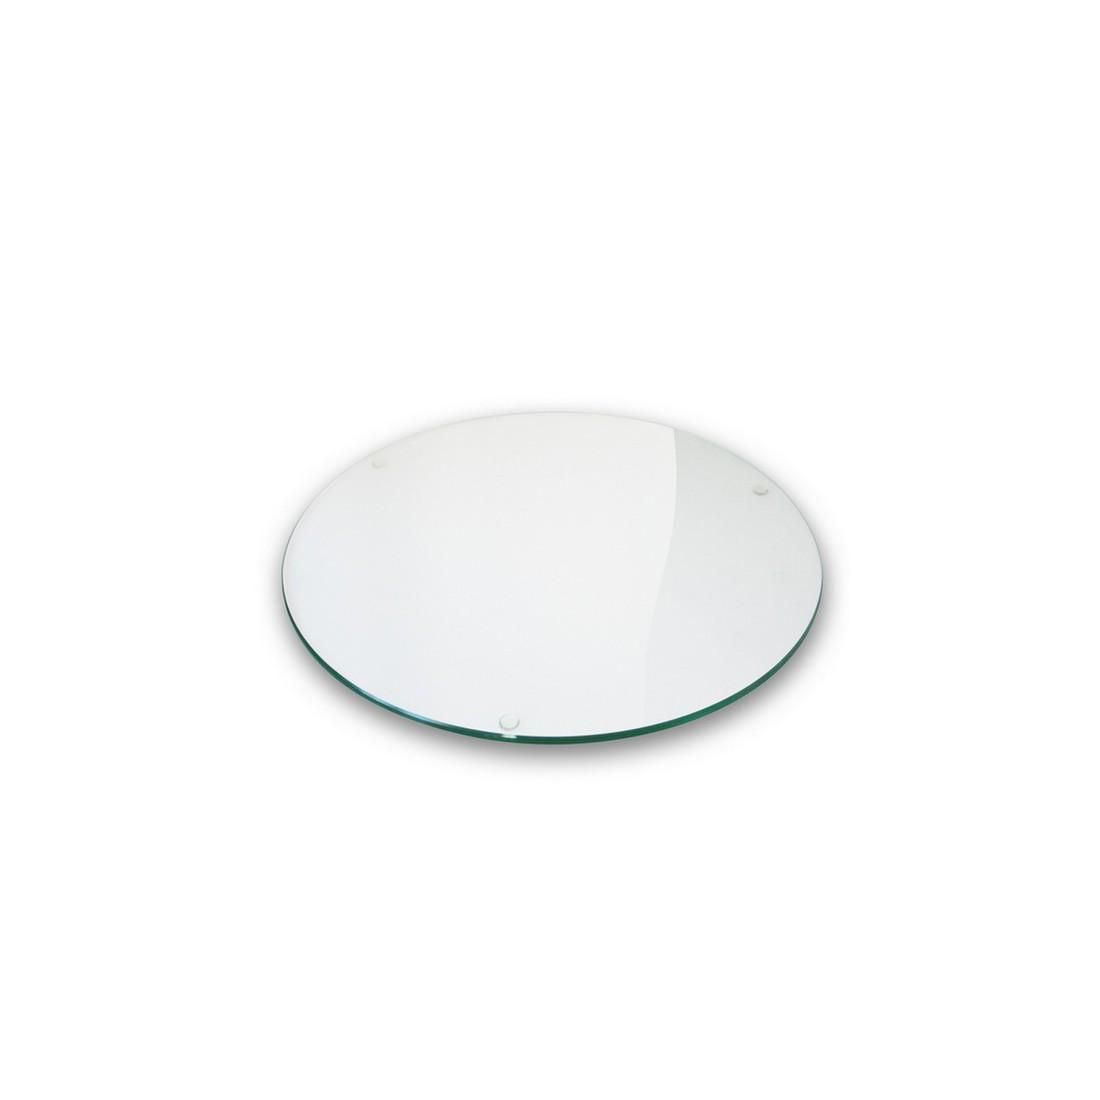 Plateau verre clair diam tre 110cm for Plateau table ronde 110 cm